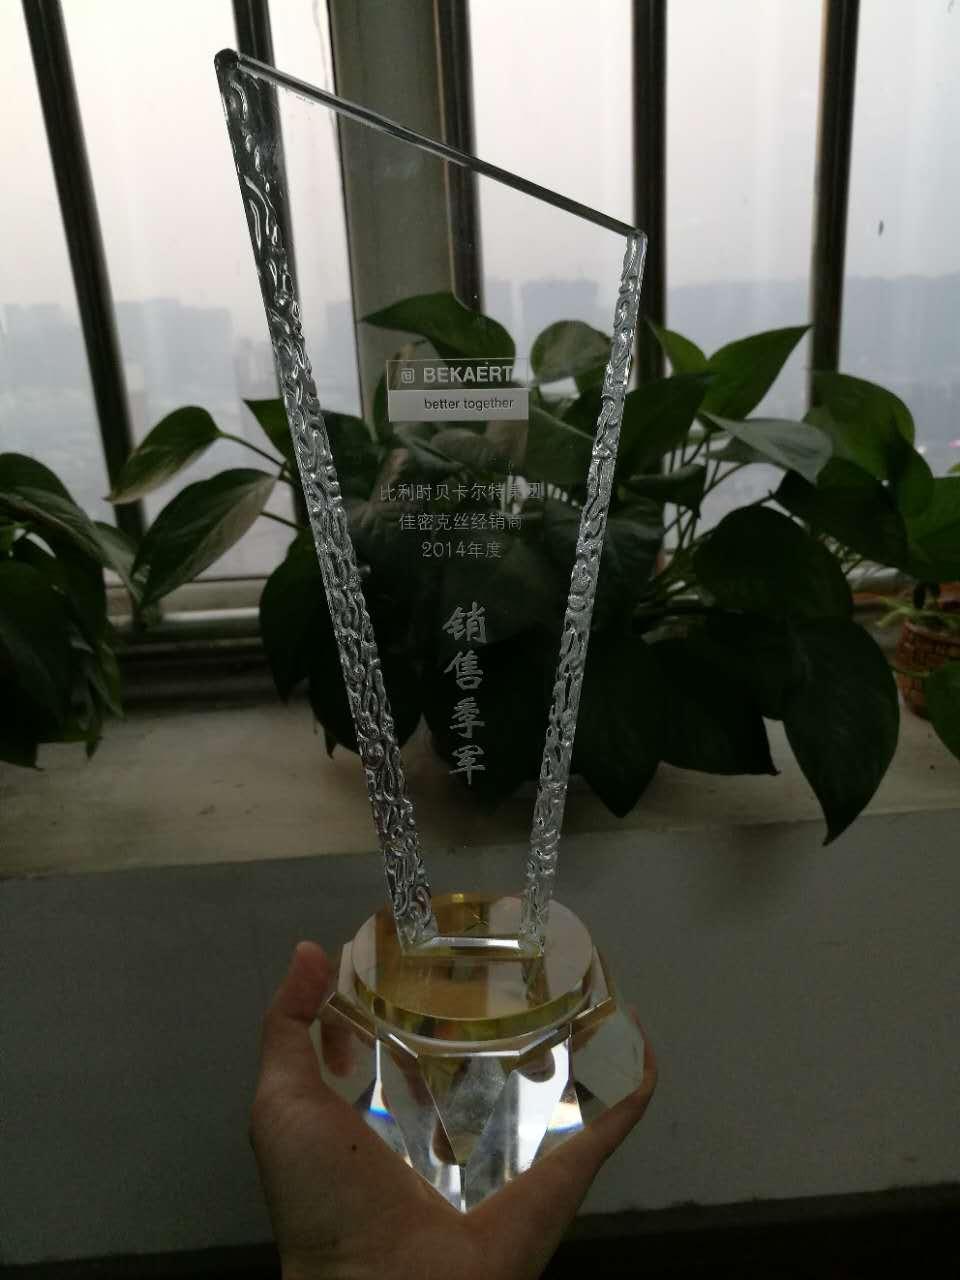 迪乐堡获得2014年佳密克丝钢纤维销售季军